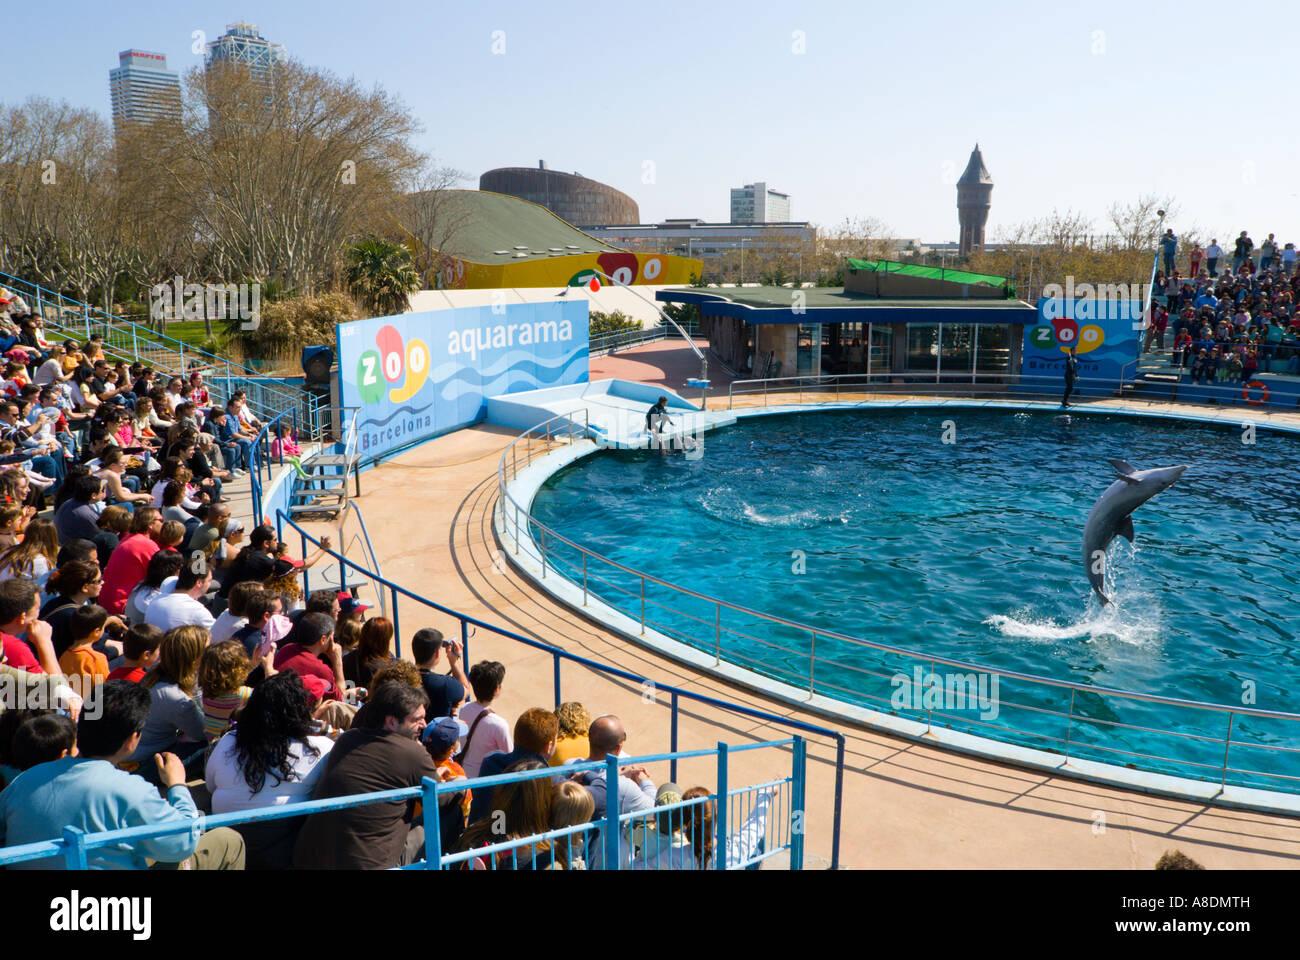 Barcelona Zoo Aquarama Dolphin Show Stock Photo 12071200 Alamy